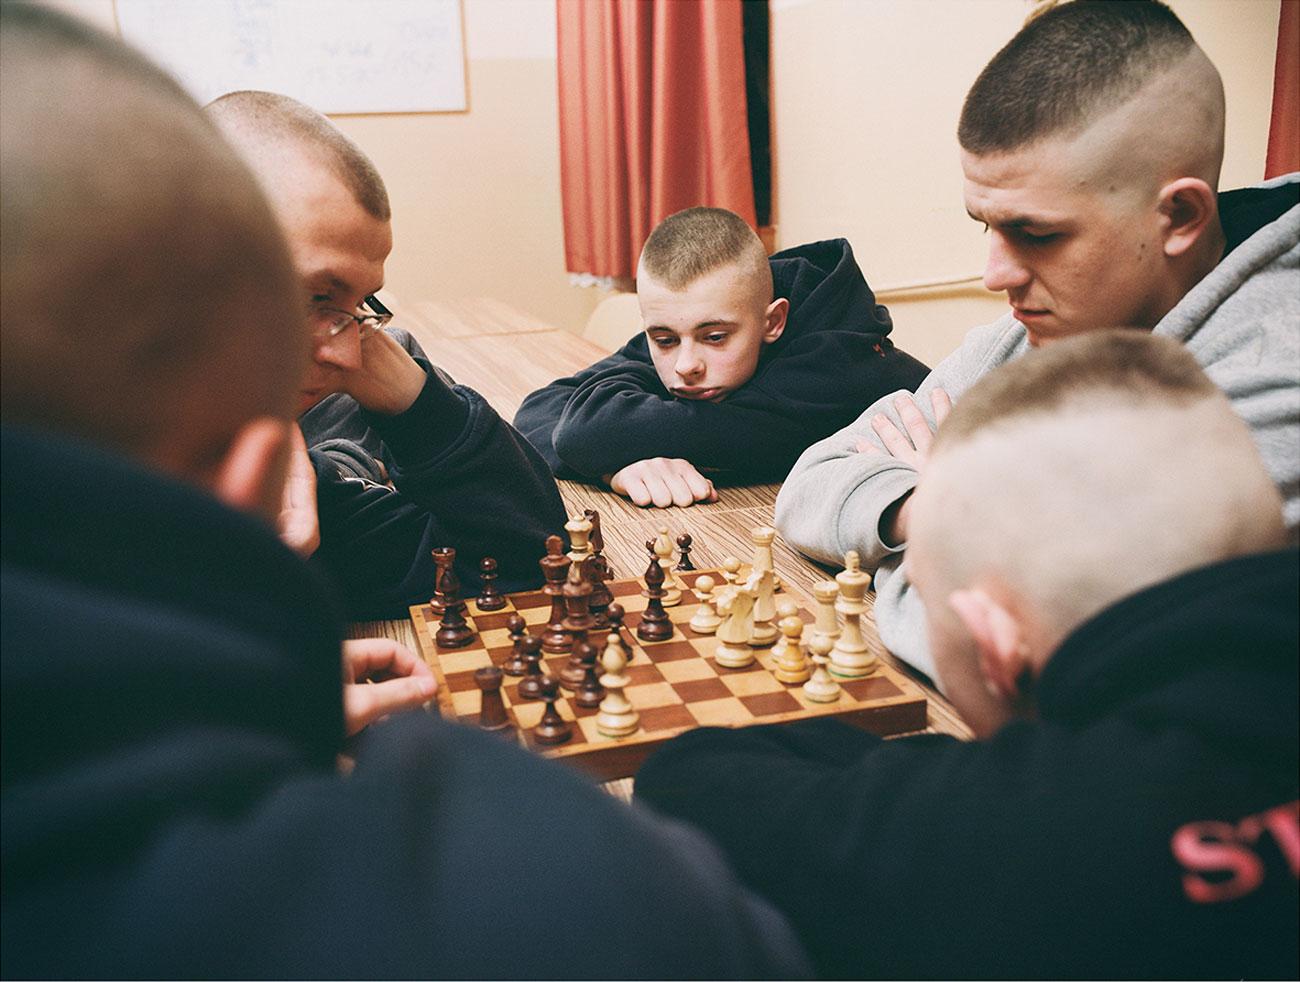 monrowe-zuza-krajewska-imago24-szachy-niedziela-36x47